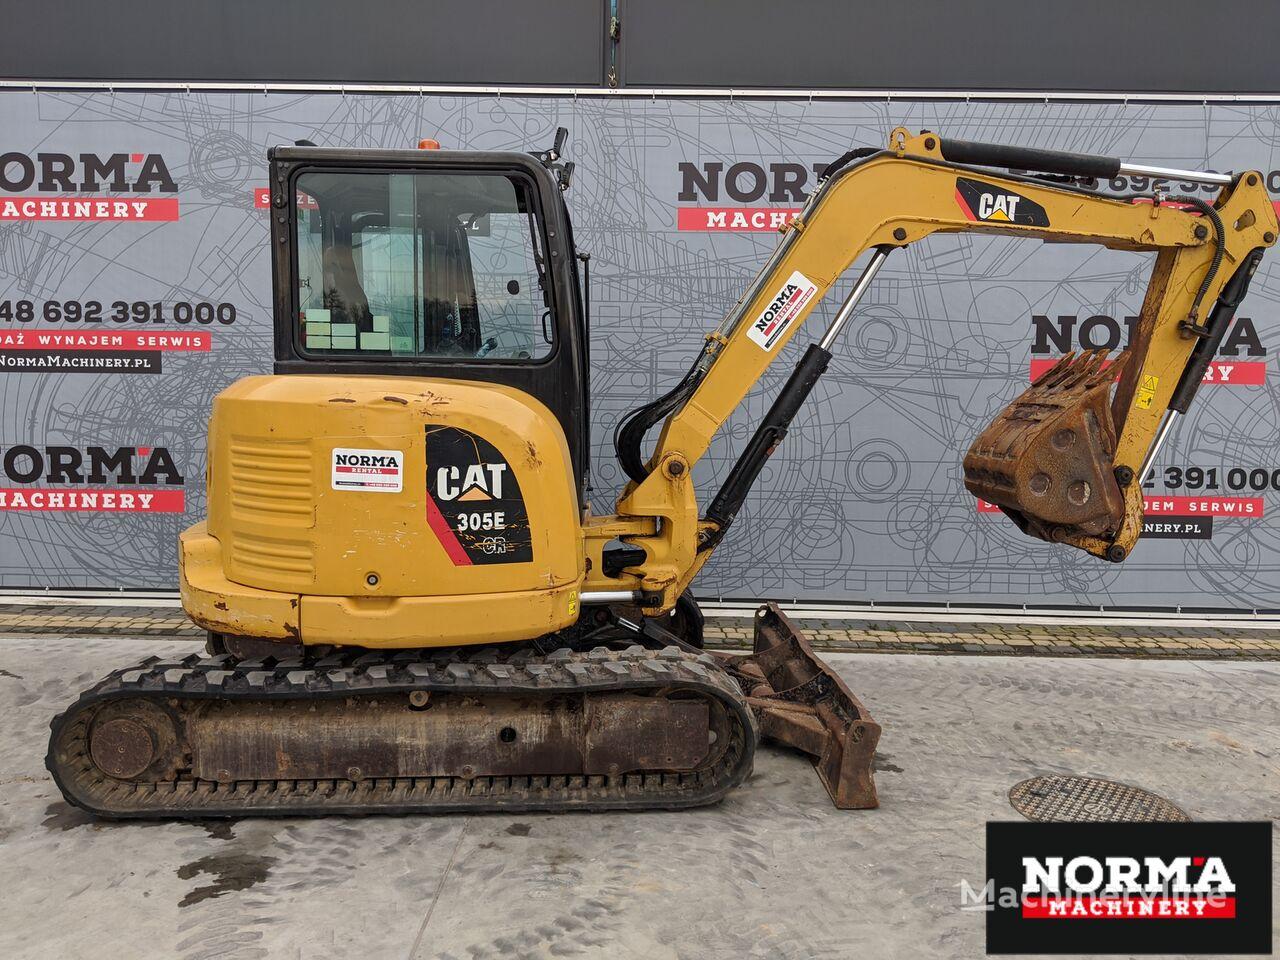 CATERPILLAR 305 CR mini excavator